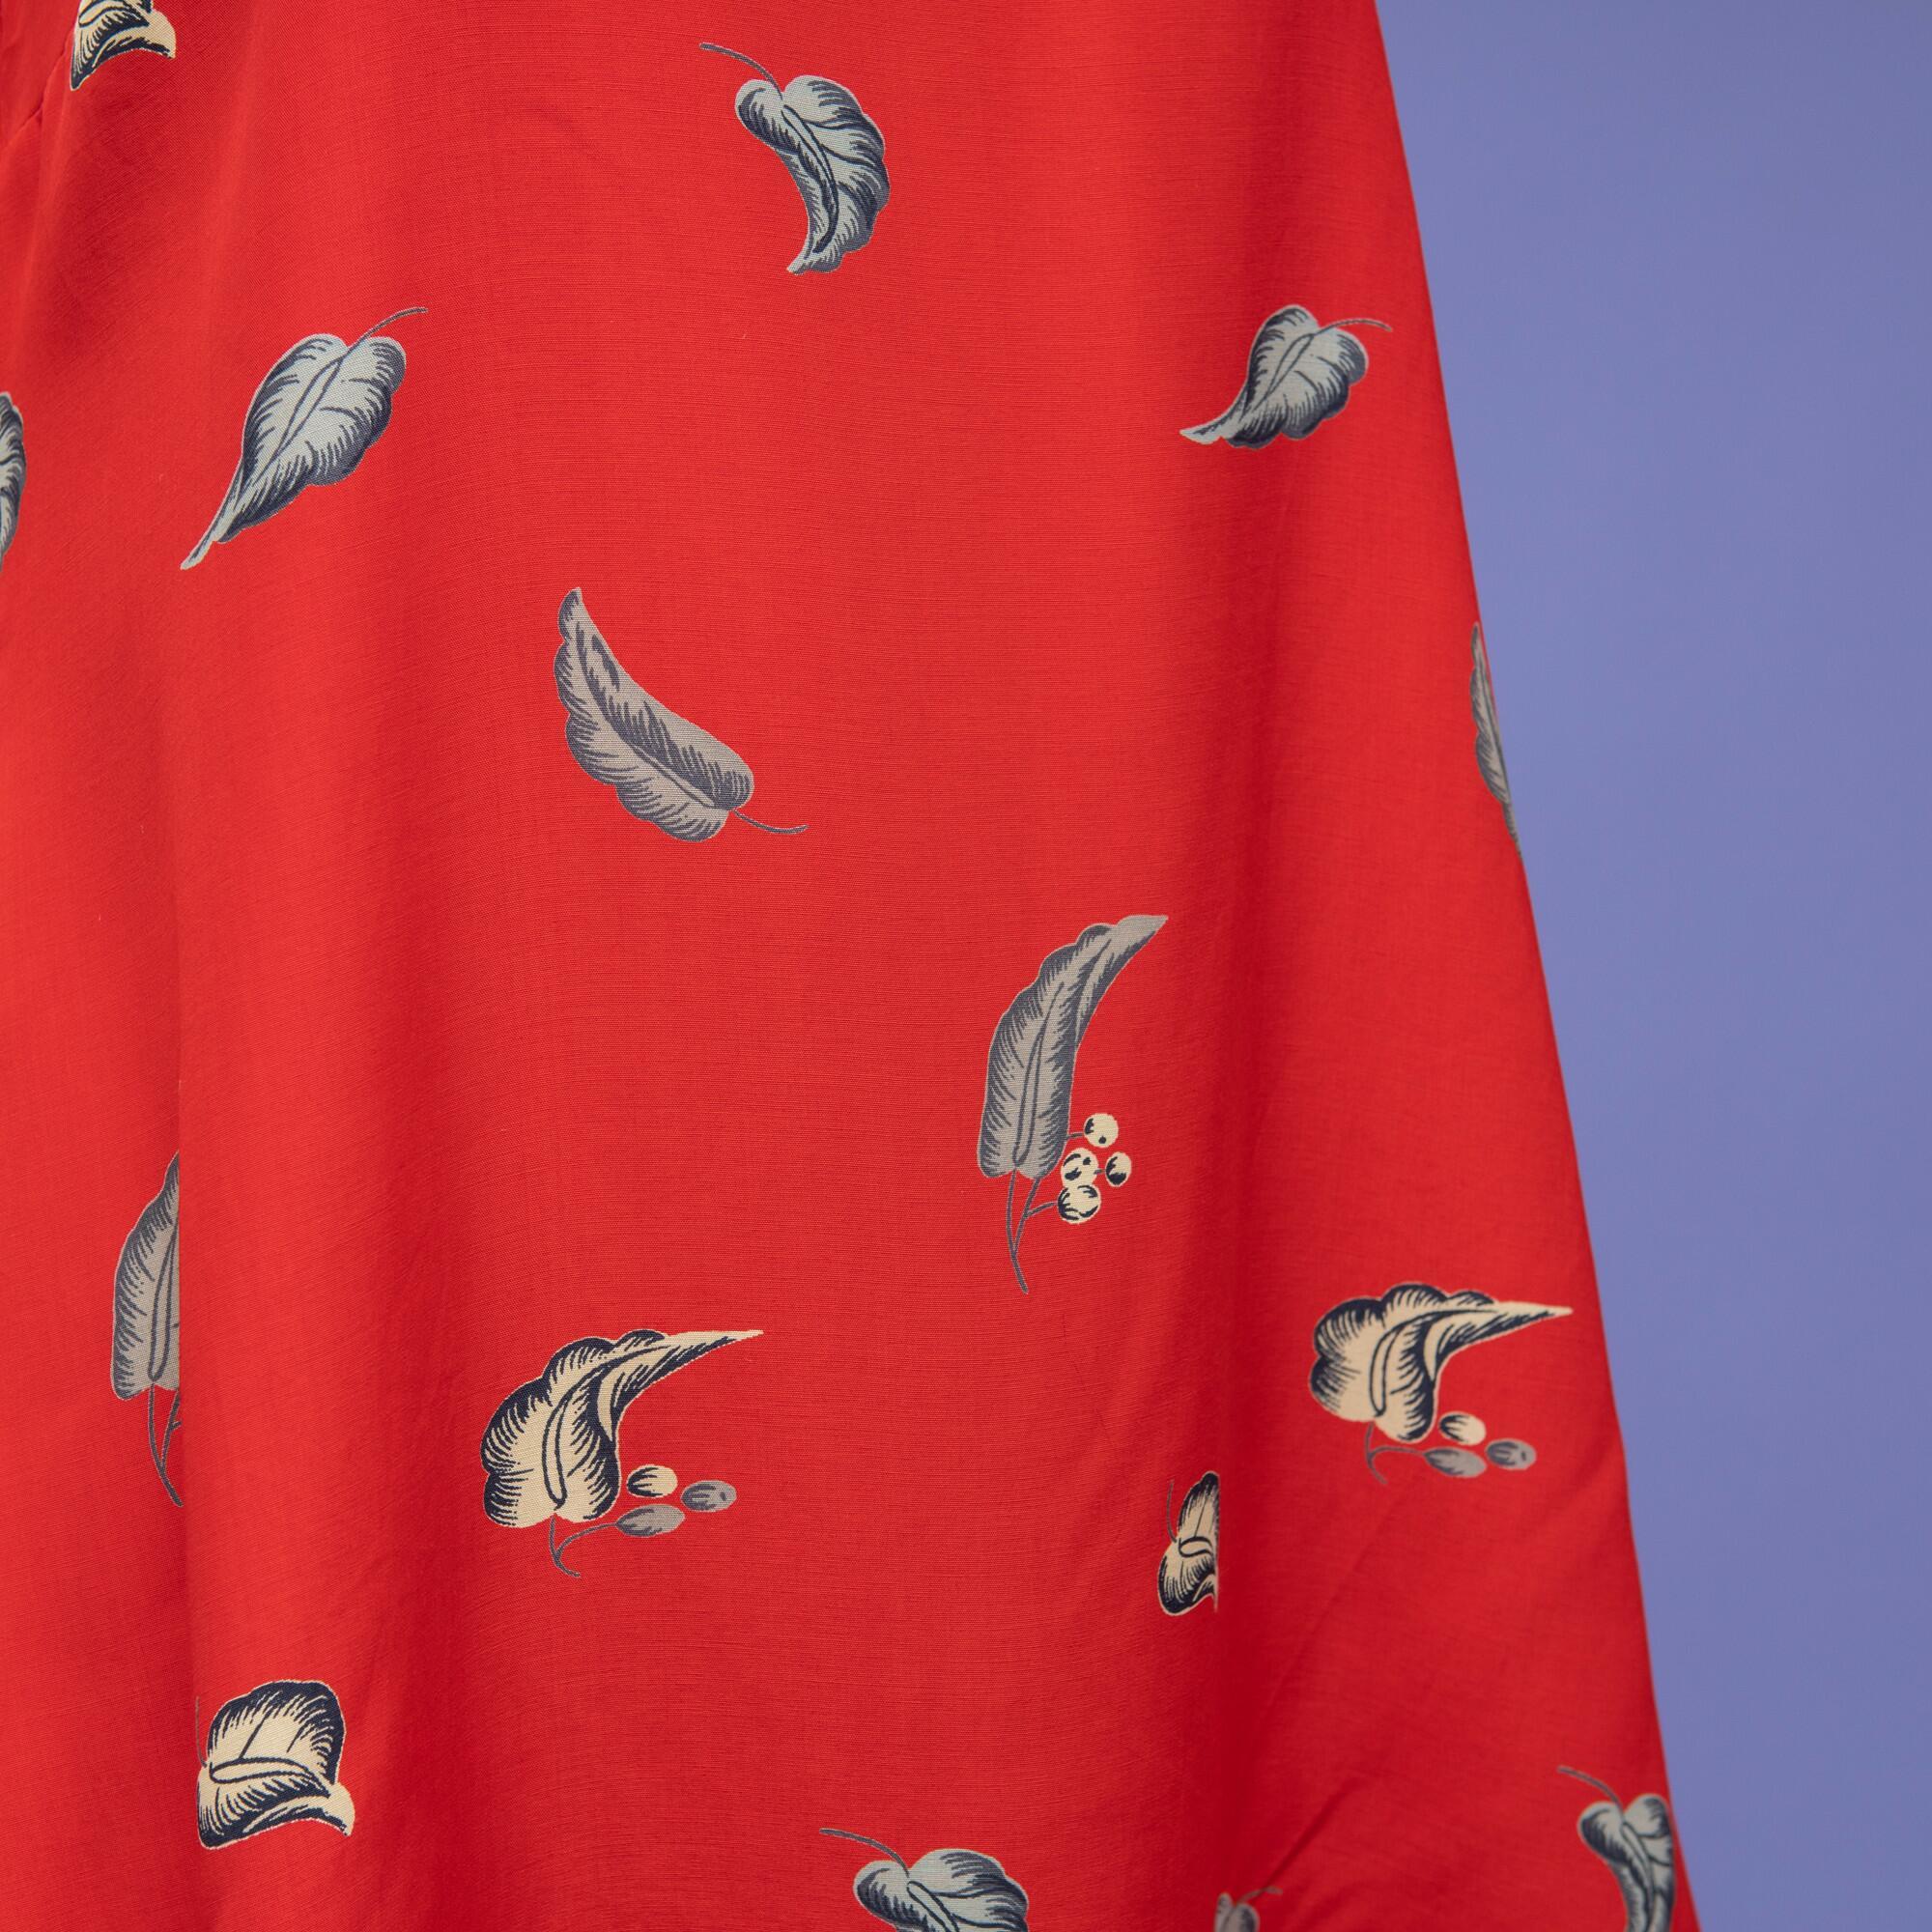 Czerwona sukienka z wiskozy w liście - KEX Vintage Store | JestemSlow.pl